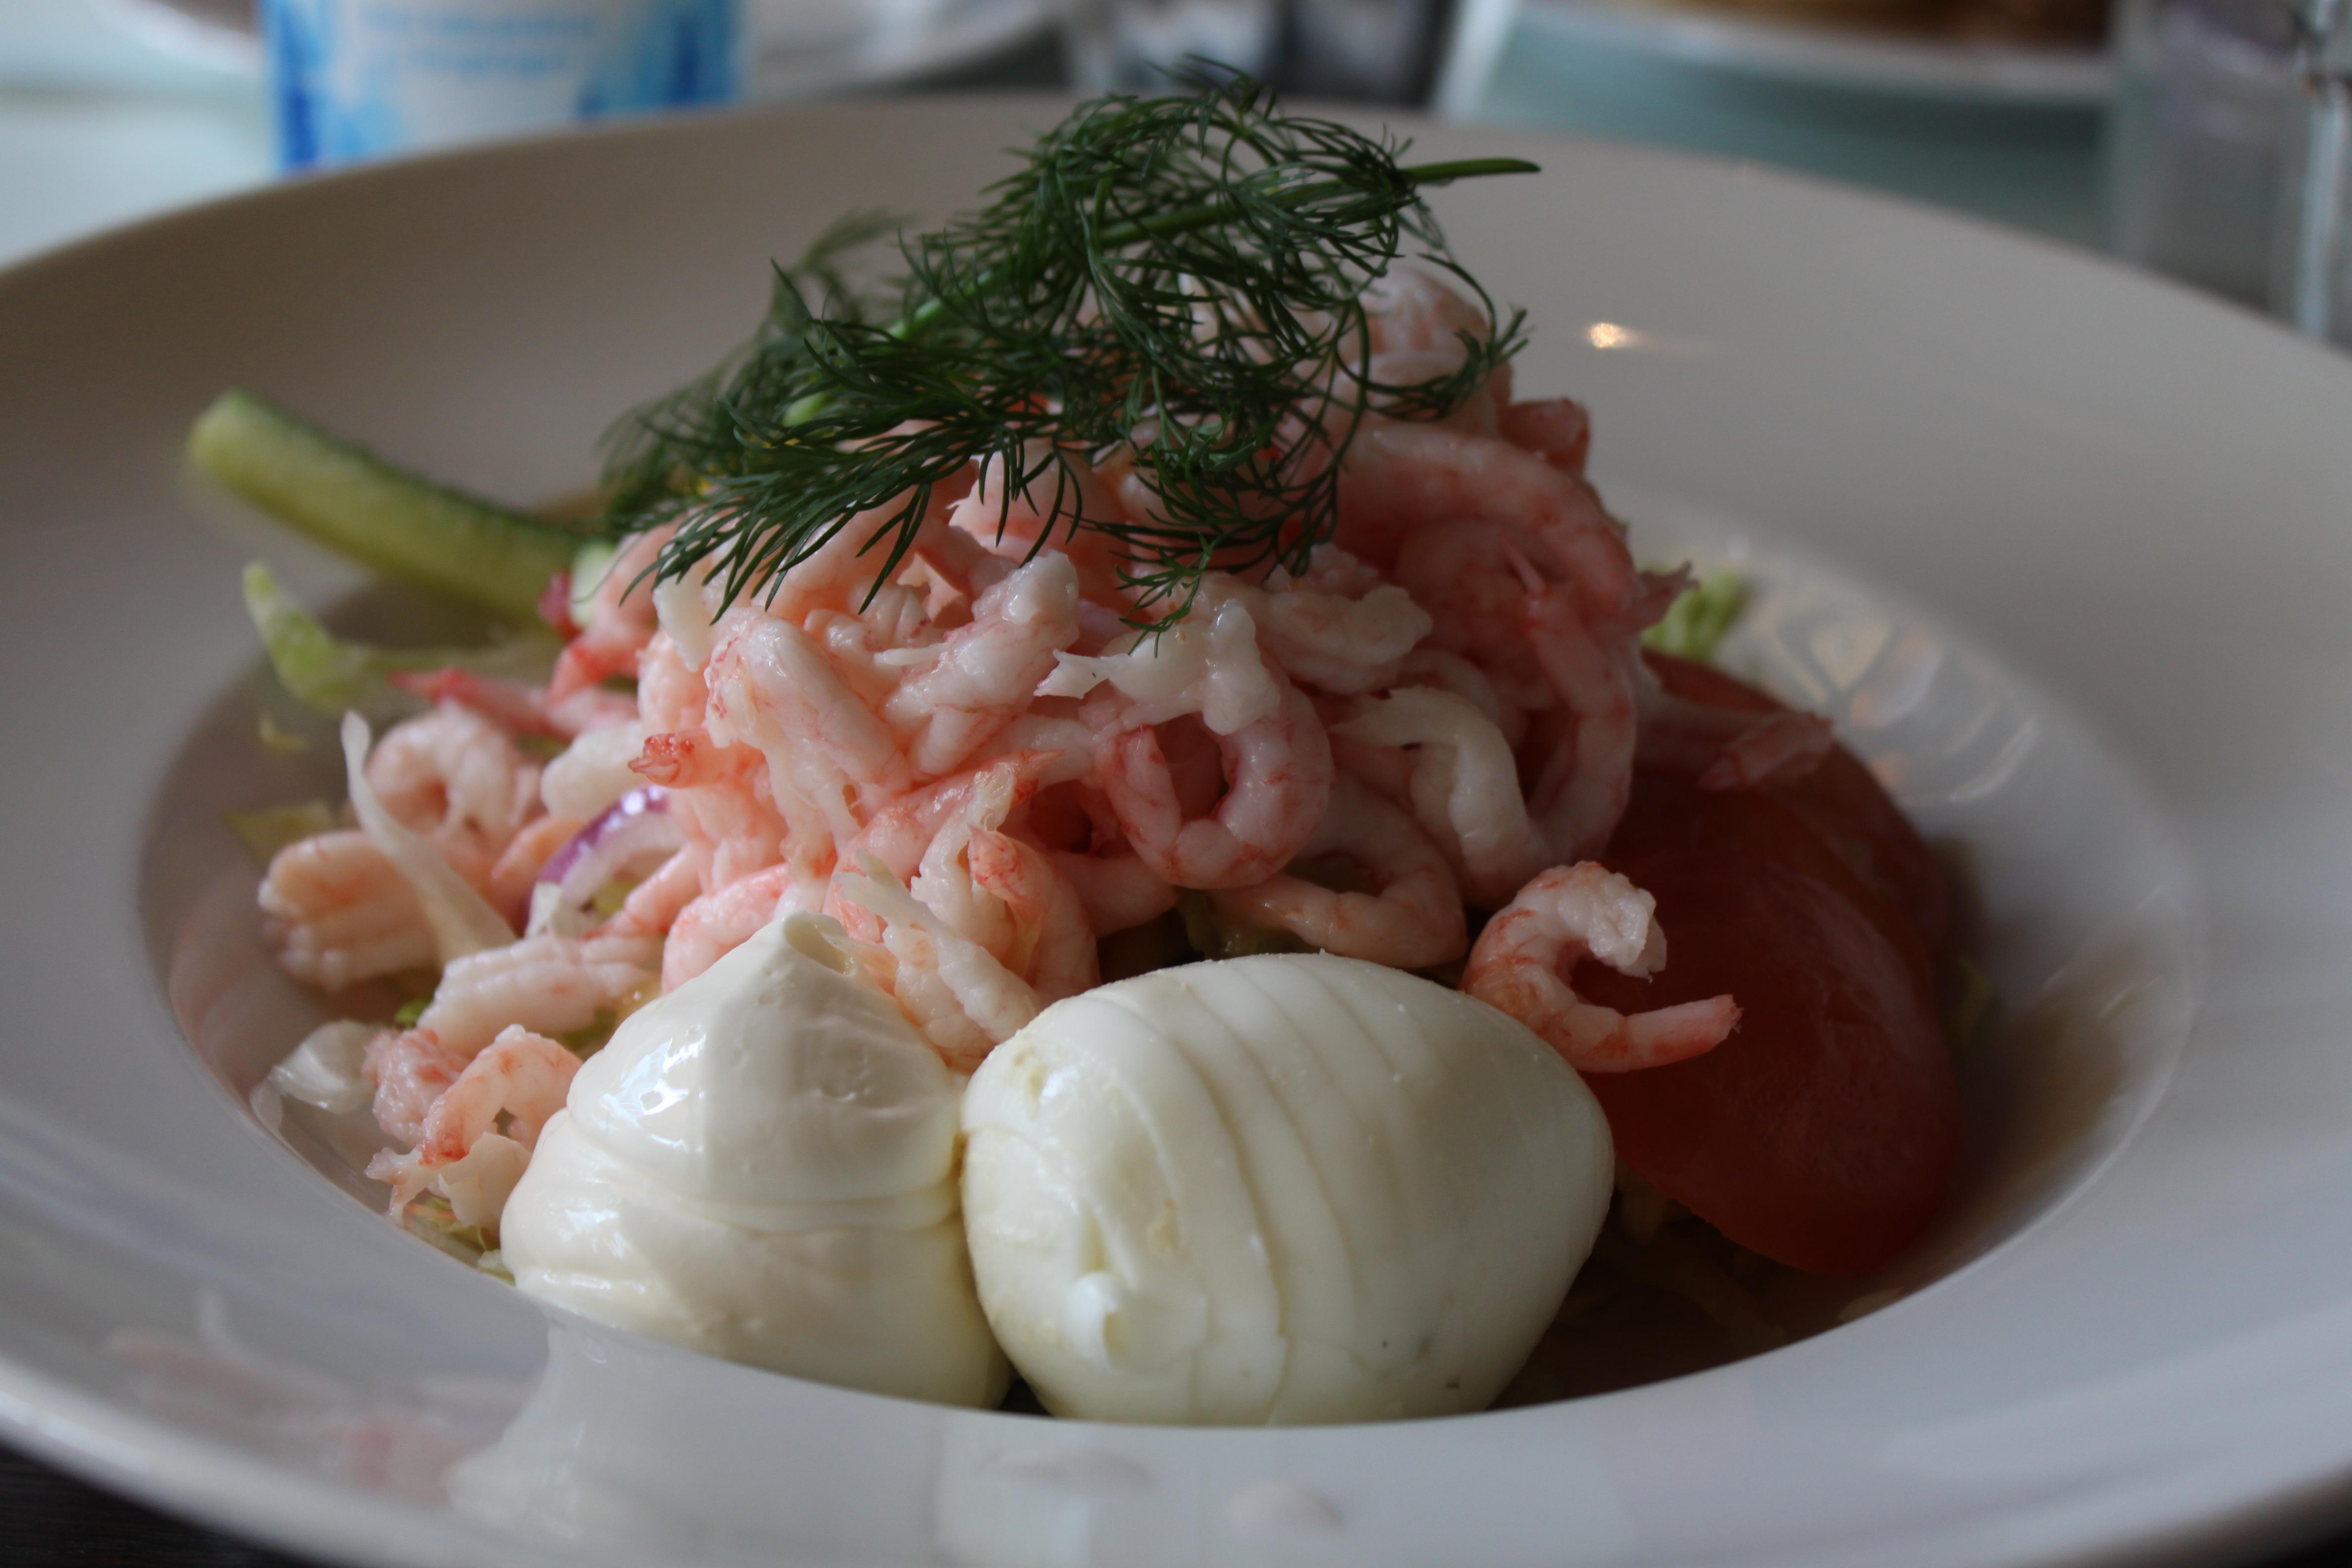 lunch fnask stor nära Malmö